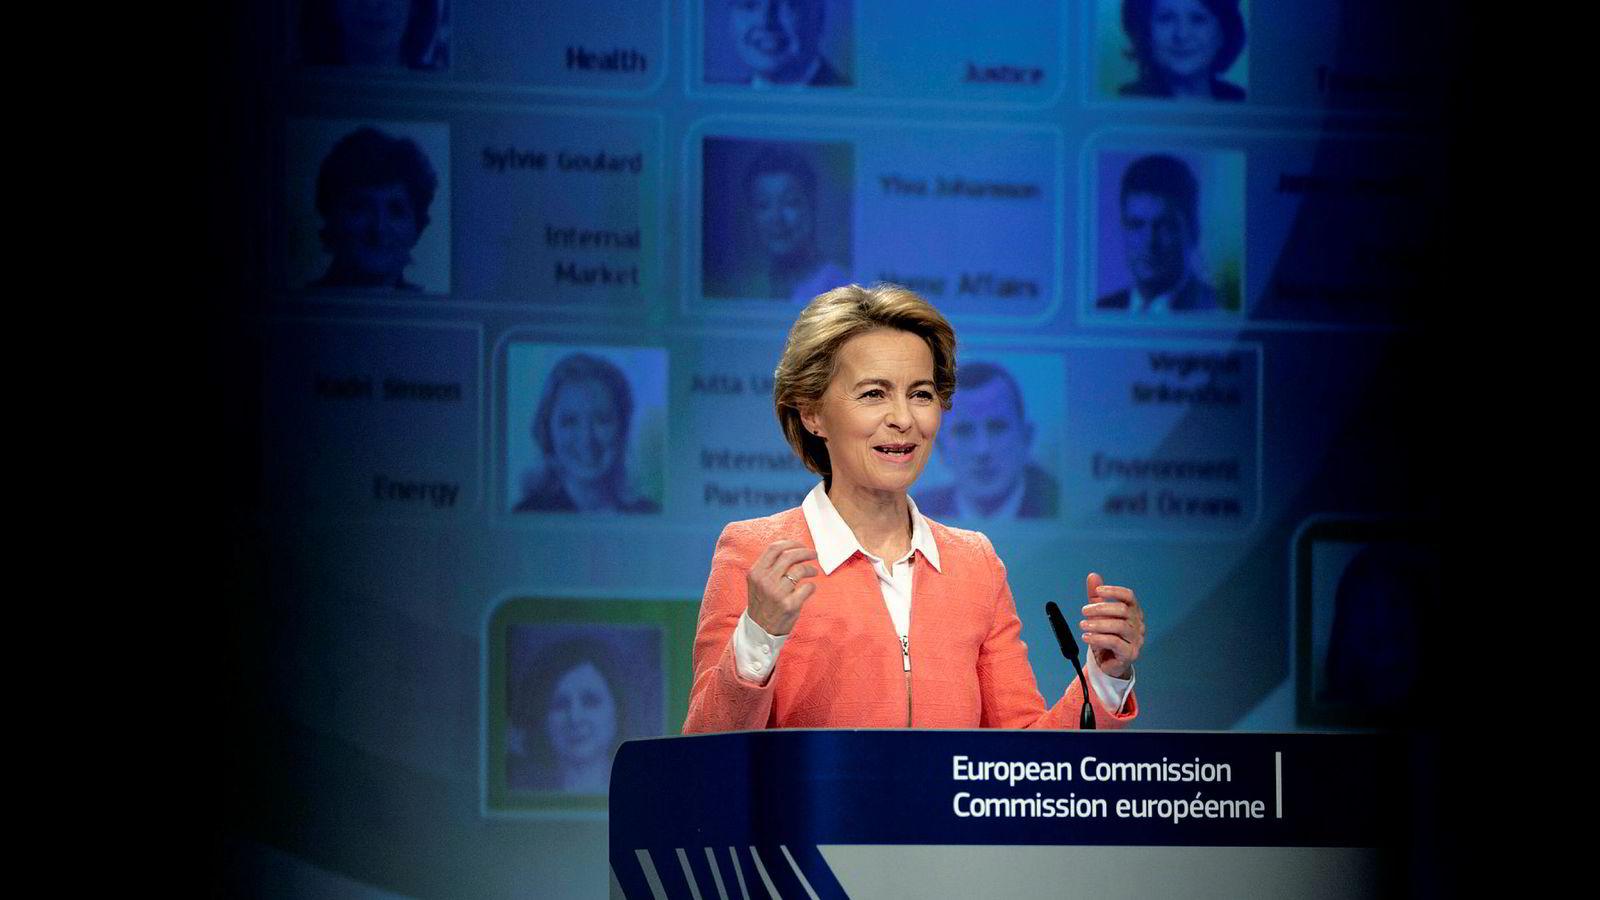 Tyske Ursula von der Leyen blir sjef for en Europakommissjon som er stort sett likestilt. Tirsdag presenterte hun sin lagoppstilling.